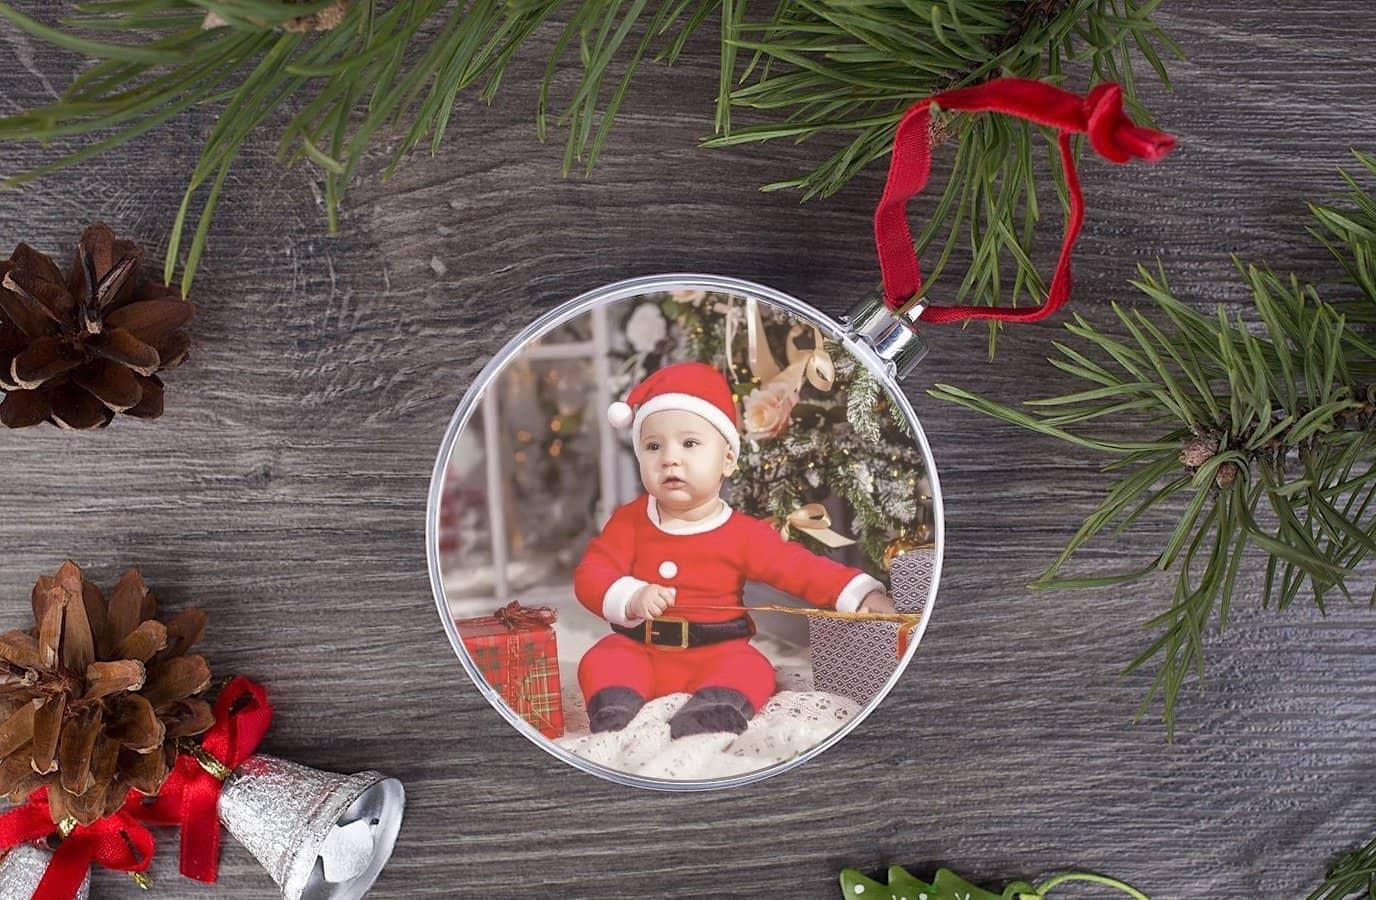 Mainan pokok Krismas dengan foto - idea yang menarik yang perlu dilakukan dengan orang dewasa dan kanak-kanak